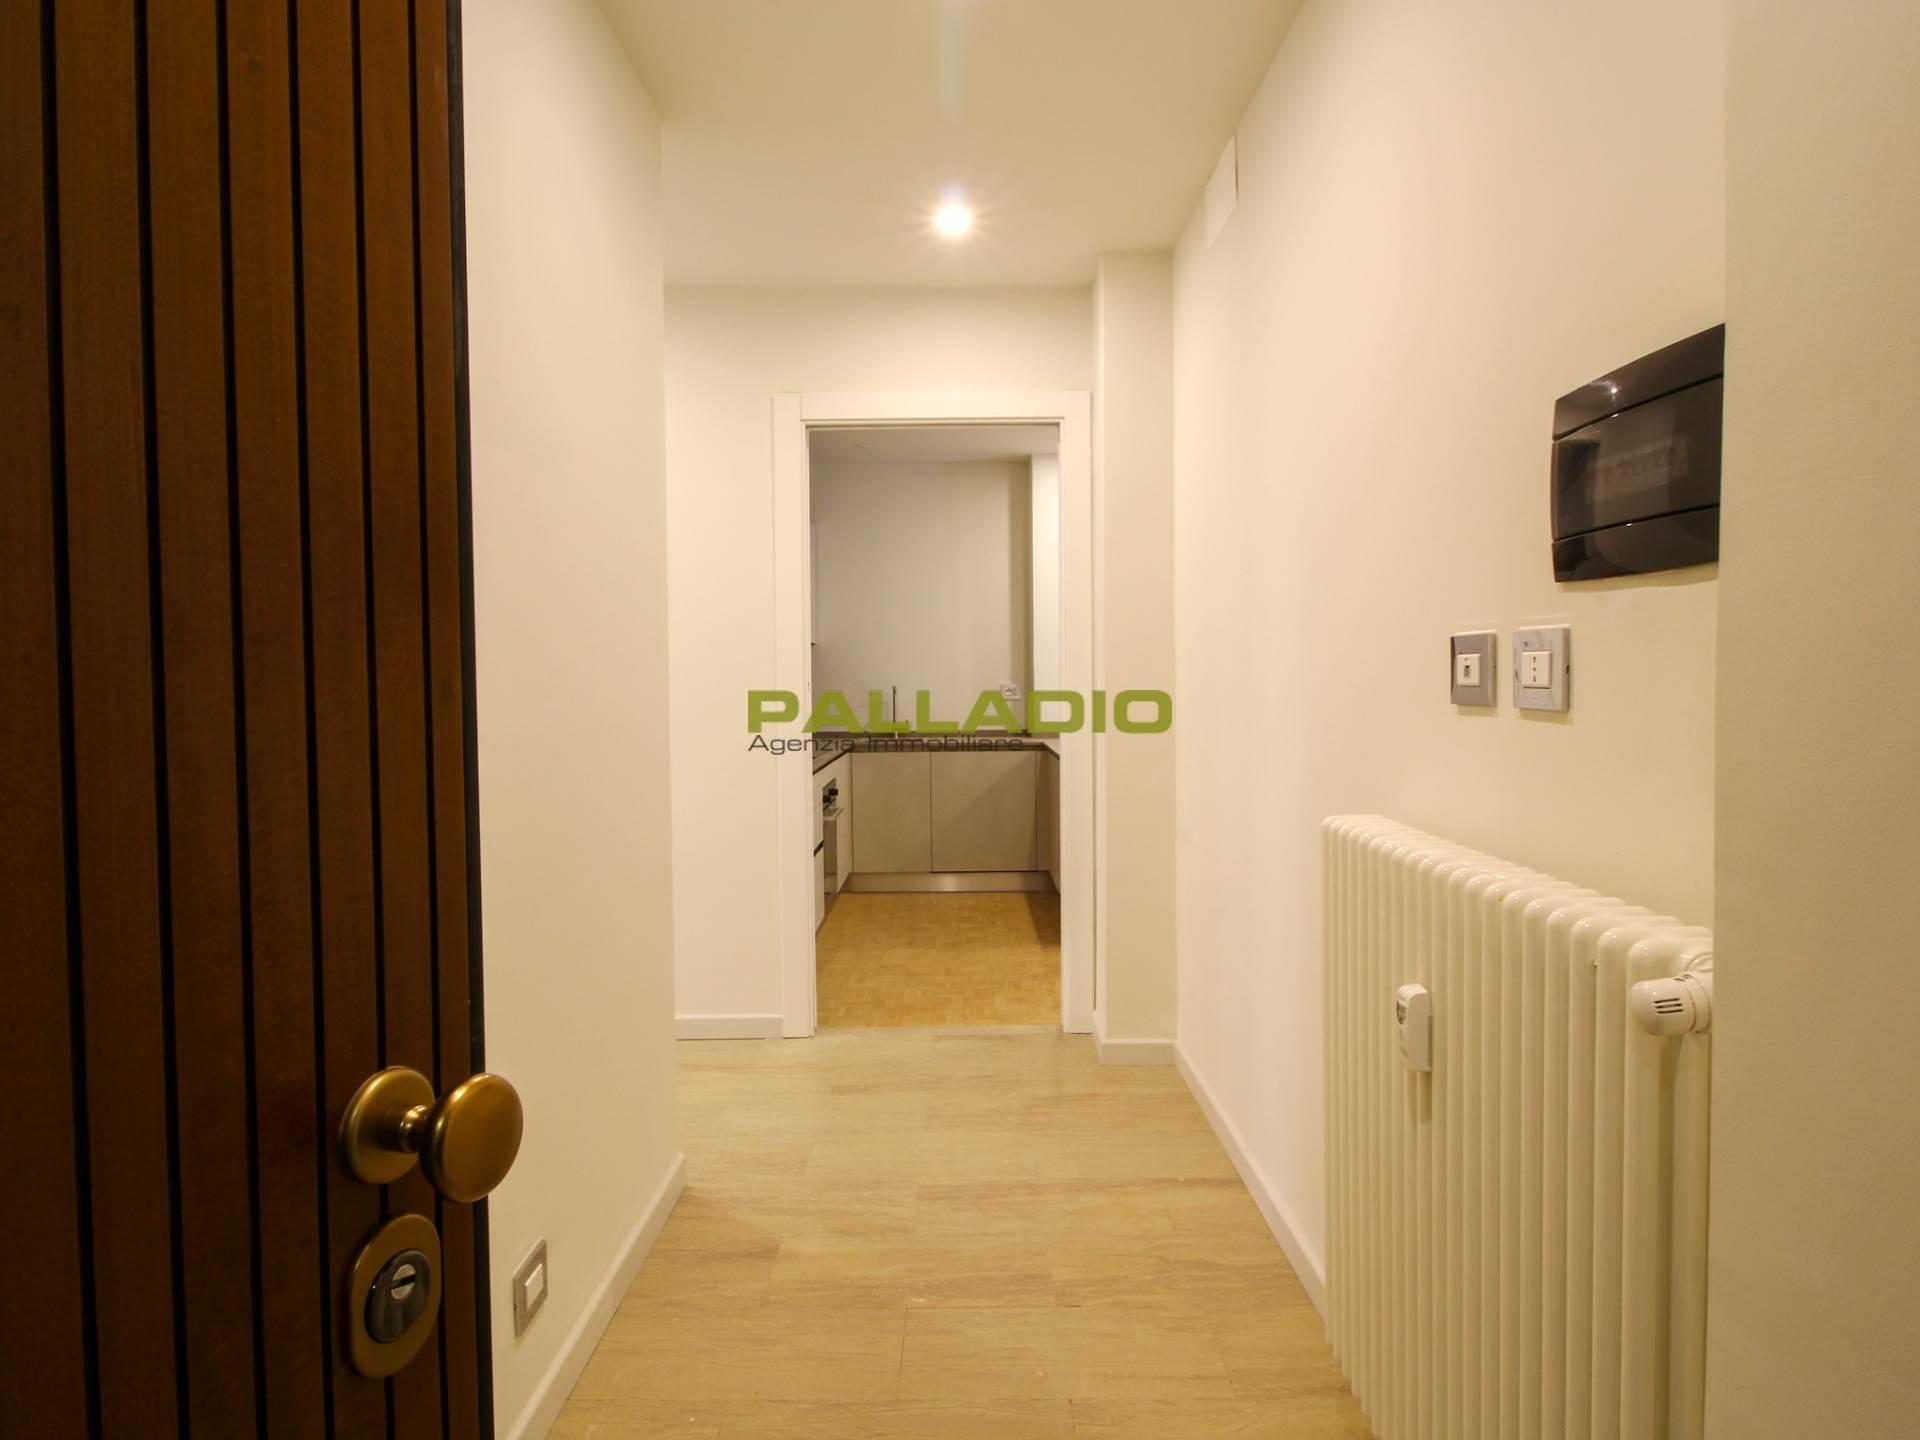 Appartamento in affitto a Aosta, 4 locali, prezzo € 650 | CambioCasa.it